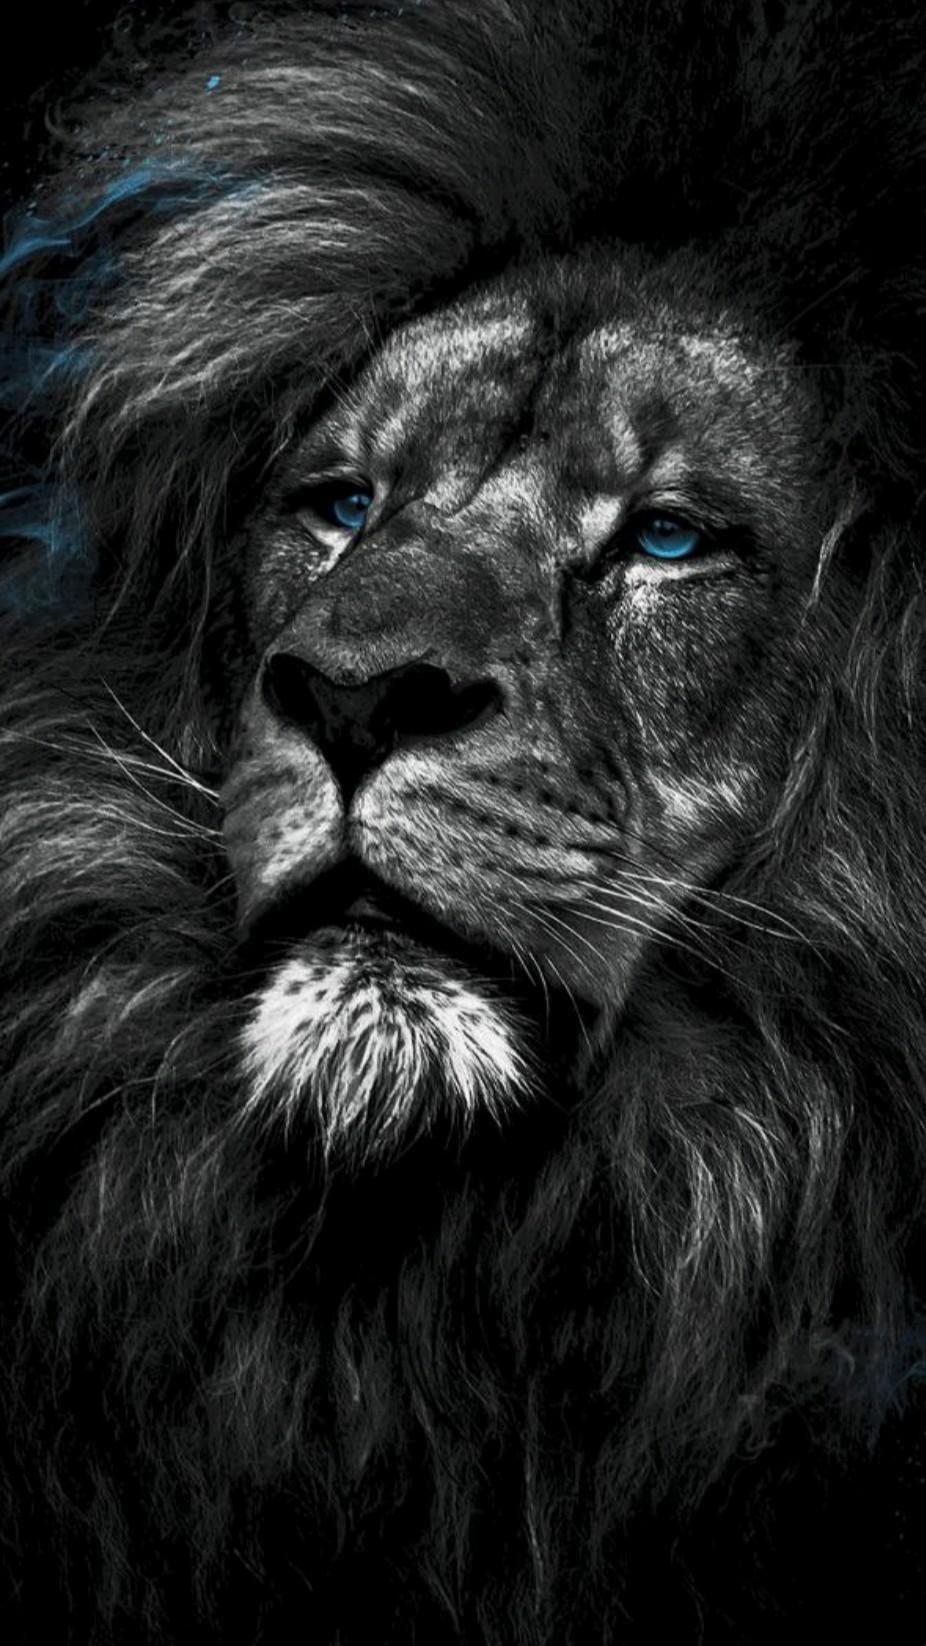 Love An Immersive Guide By ɩơ۷ɛ ɧųཞɬʂ Aesthetic black iphone lion wallpaper hd